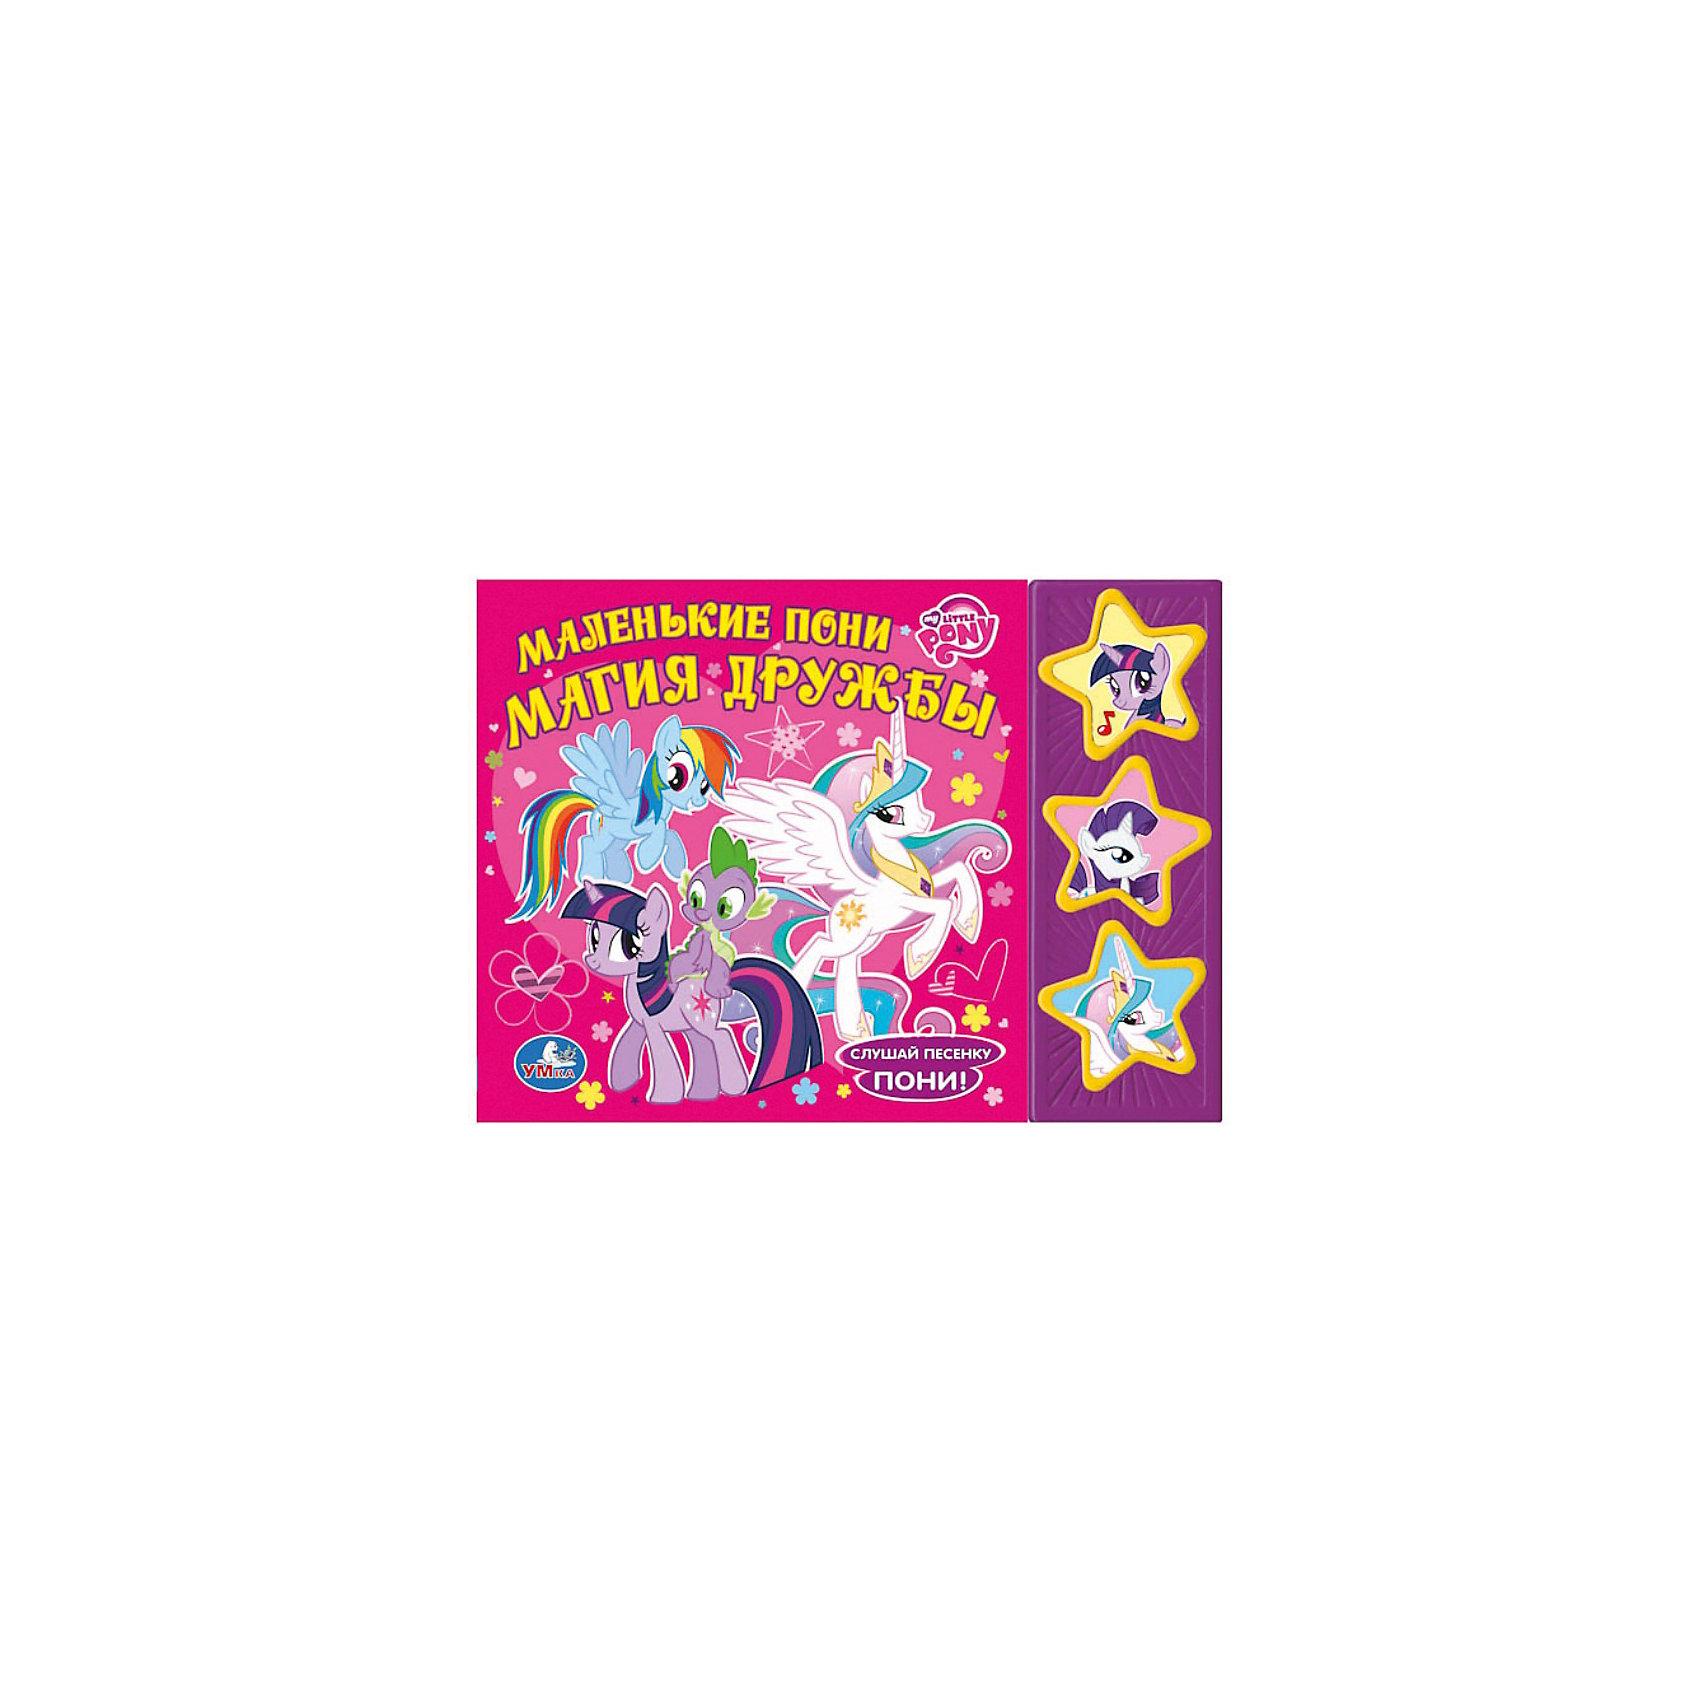 Книга с 3 кнопками Познакомься с пони, My little PonyКнижка-малышка Познакомься с пони, My little Pony (Мой маленький Пони) с тремя песенками и яркими иллюстрациями - это прекрасный подарок для маленькой девочки-поклонницы мультсериала о волшебных лошадках-пони.  Слушая песни, ребенок научится запоминать слова, а нажимая на кнопки, будет совершенствовать моторику пальчиков рук. Рассматривая красочные картинки, ребенок не заметит как история о любимых Пони перенесёт его в незабываемый мир сказочного мультфильма Дружба - это чудо.<br><br>Дополнительная информация:<br><br>- Формат: 205 х 150 мм<br>- Страниц: 6<br>- Переплет: твердый<br>- Работает от батареек (демонстрационные в комплекте)<br>- Иллюстратор: Елена Гаврилова<br>- Редактор: Инна Лутикова<br>- Составитель: Инна Лутикова<br><br>Книгу Познакомься с пони (3 кнопки), My little Pony (Моя маленькая Пони) можно купить в нашем магазине.<br><br>Ширина мм: 210<br>Глубина мм: 150<br>Высота мм: 10<br>Вес г: 190<br>Возраст от месяцев: 12<br>Возраст до месяцев: 60<br>Пол: Женский<br>Возраст: Детский<br>SKU: 3763693